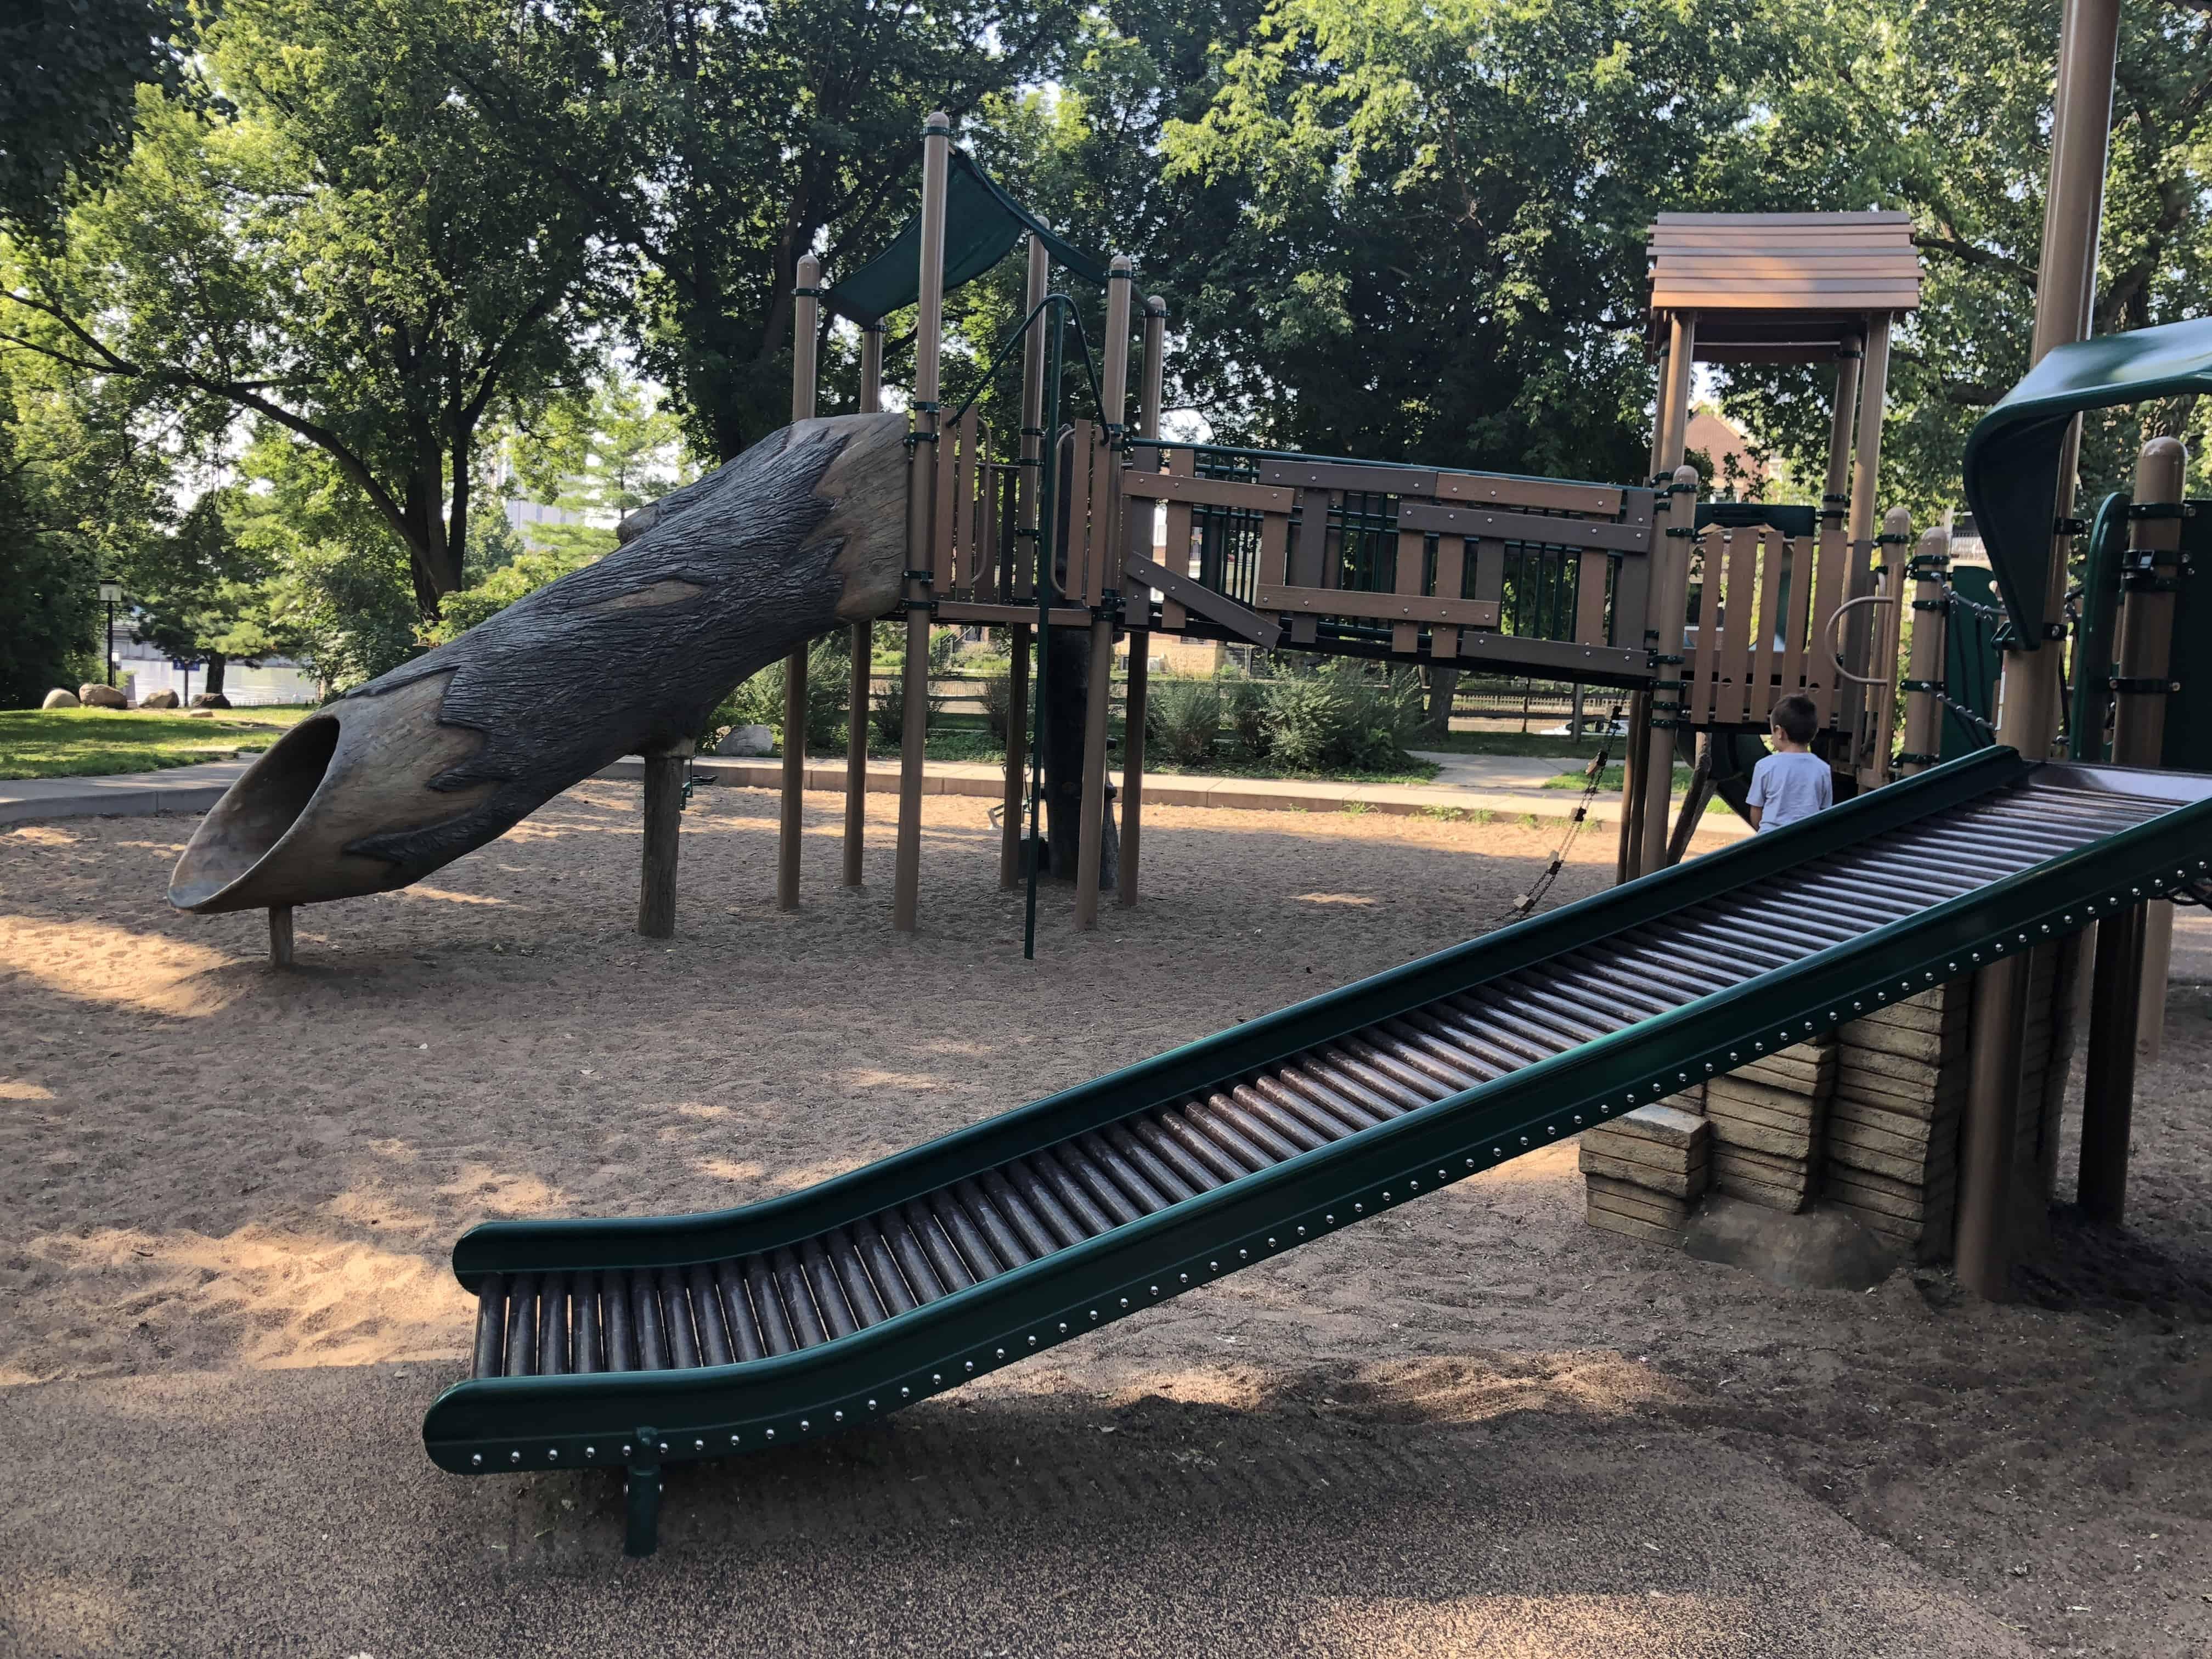 Park Series North Loop Playground